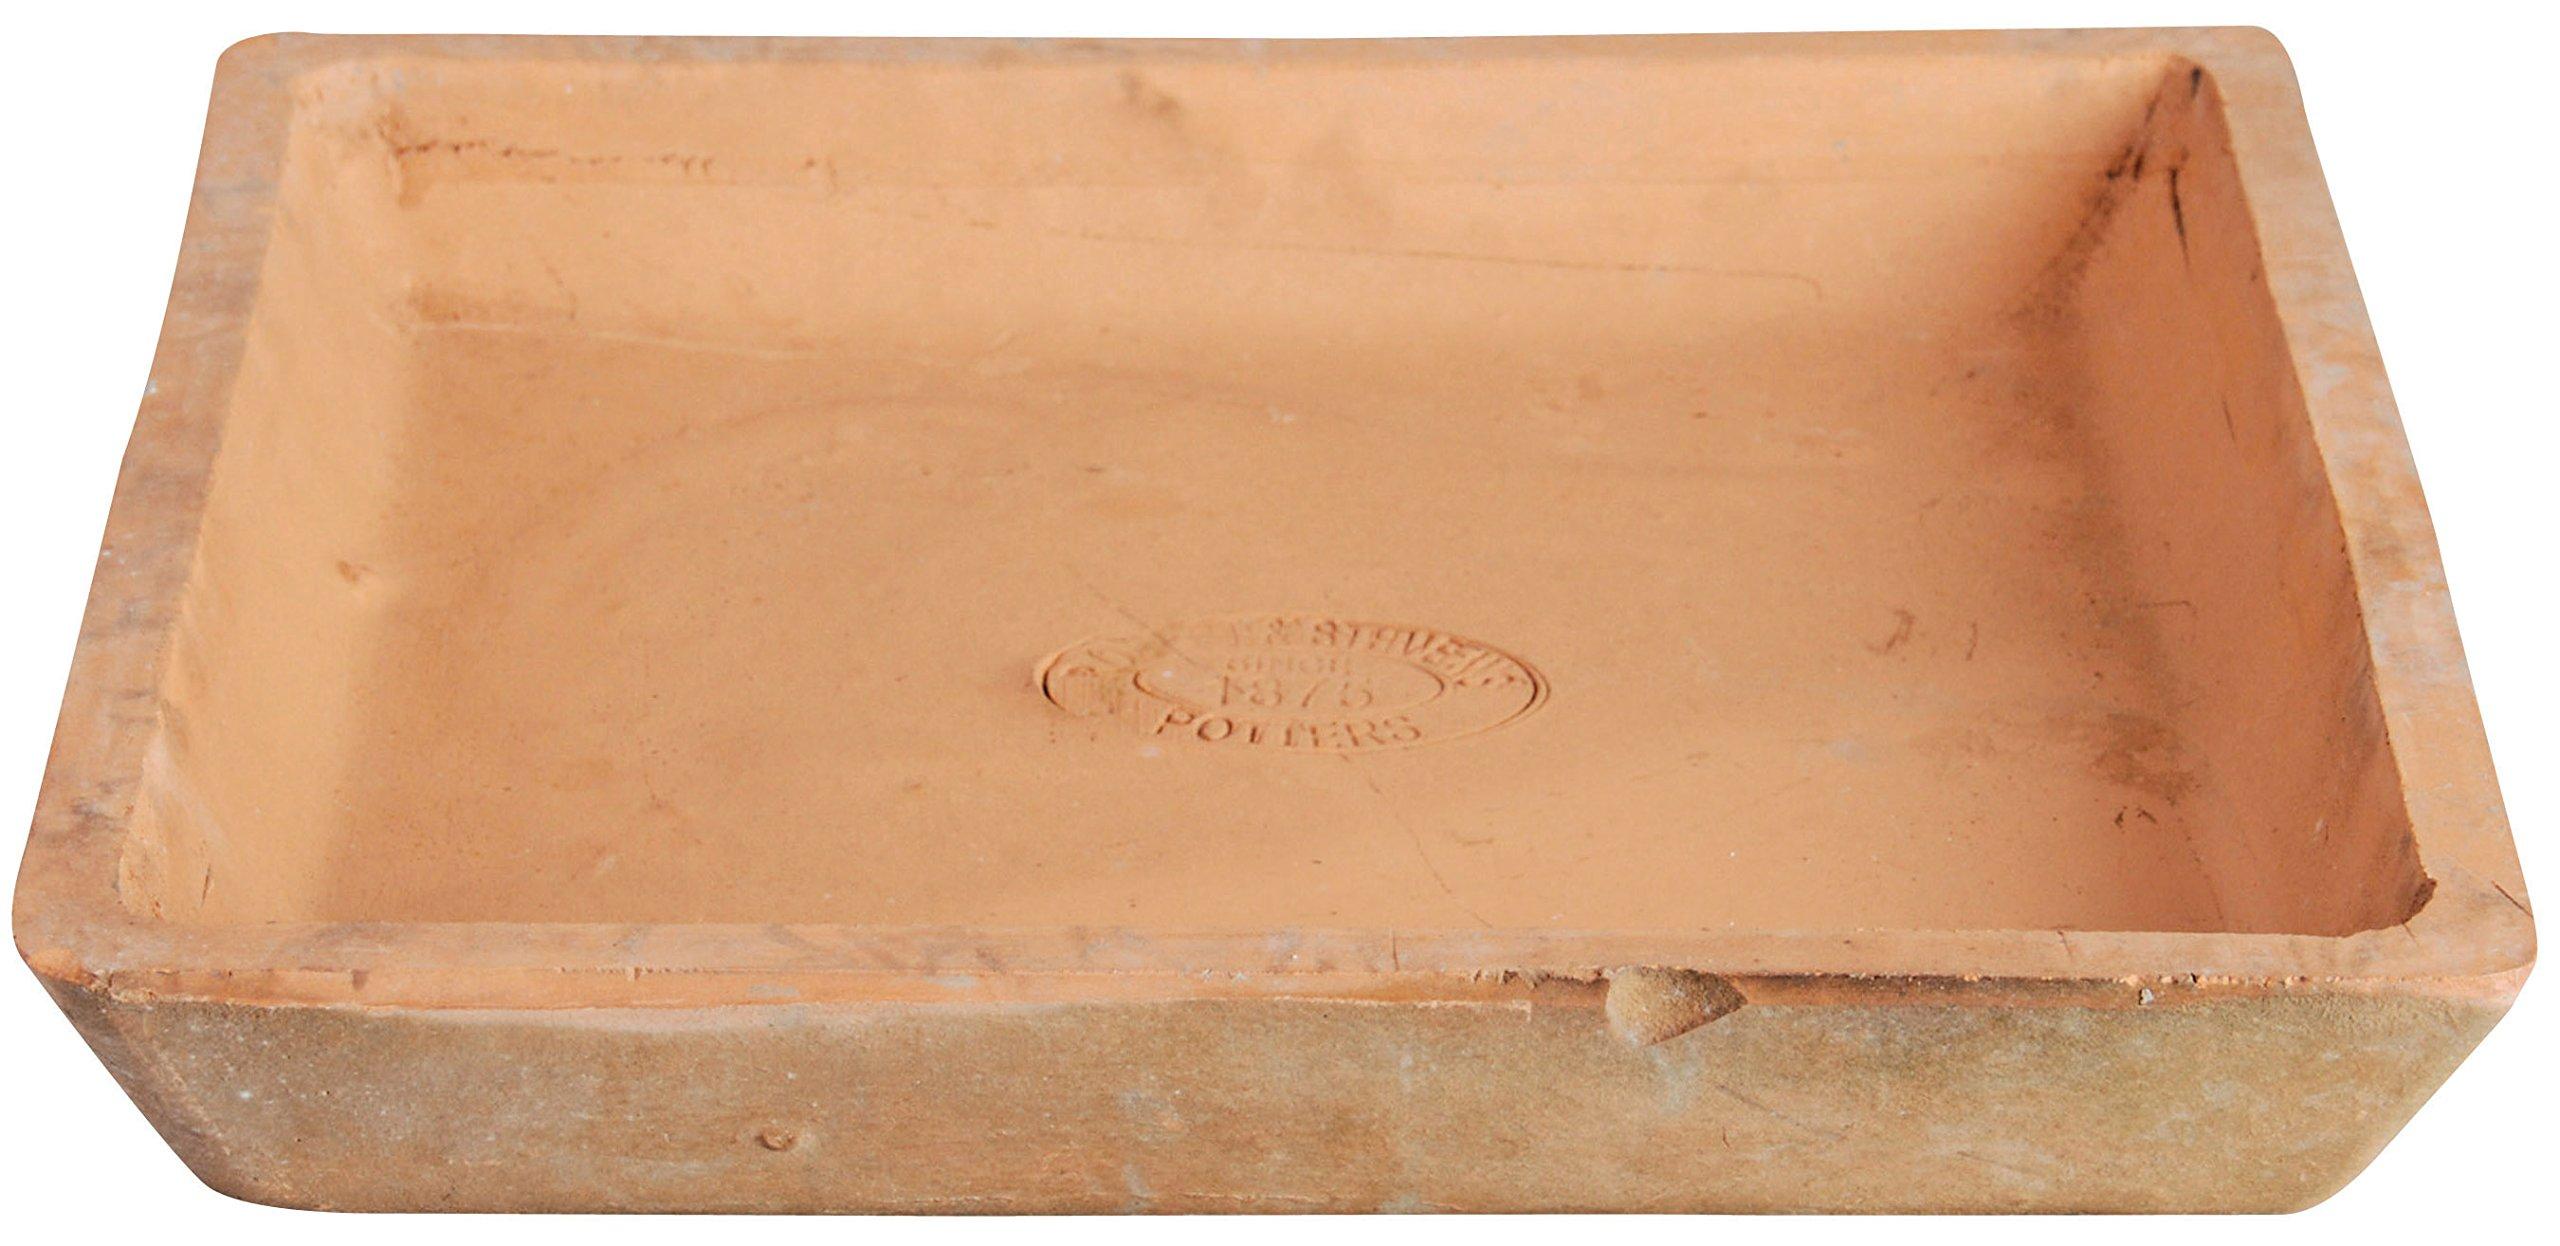 Esschert Design AT08 Aged Terracotta Saucer for AT07